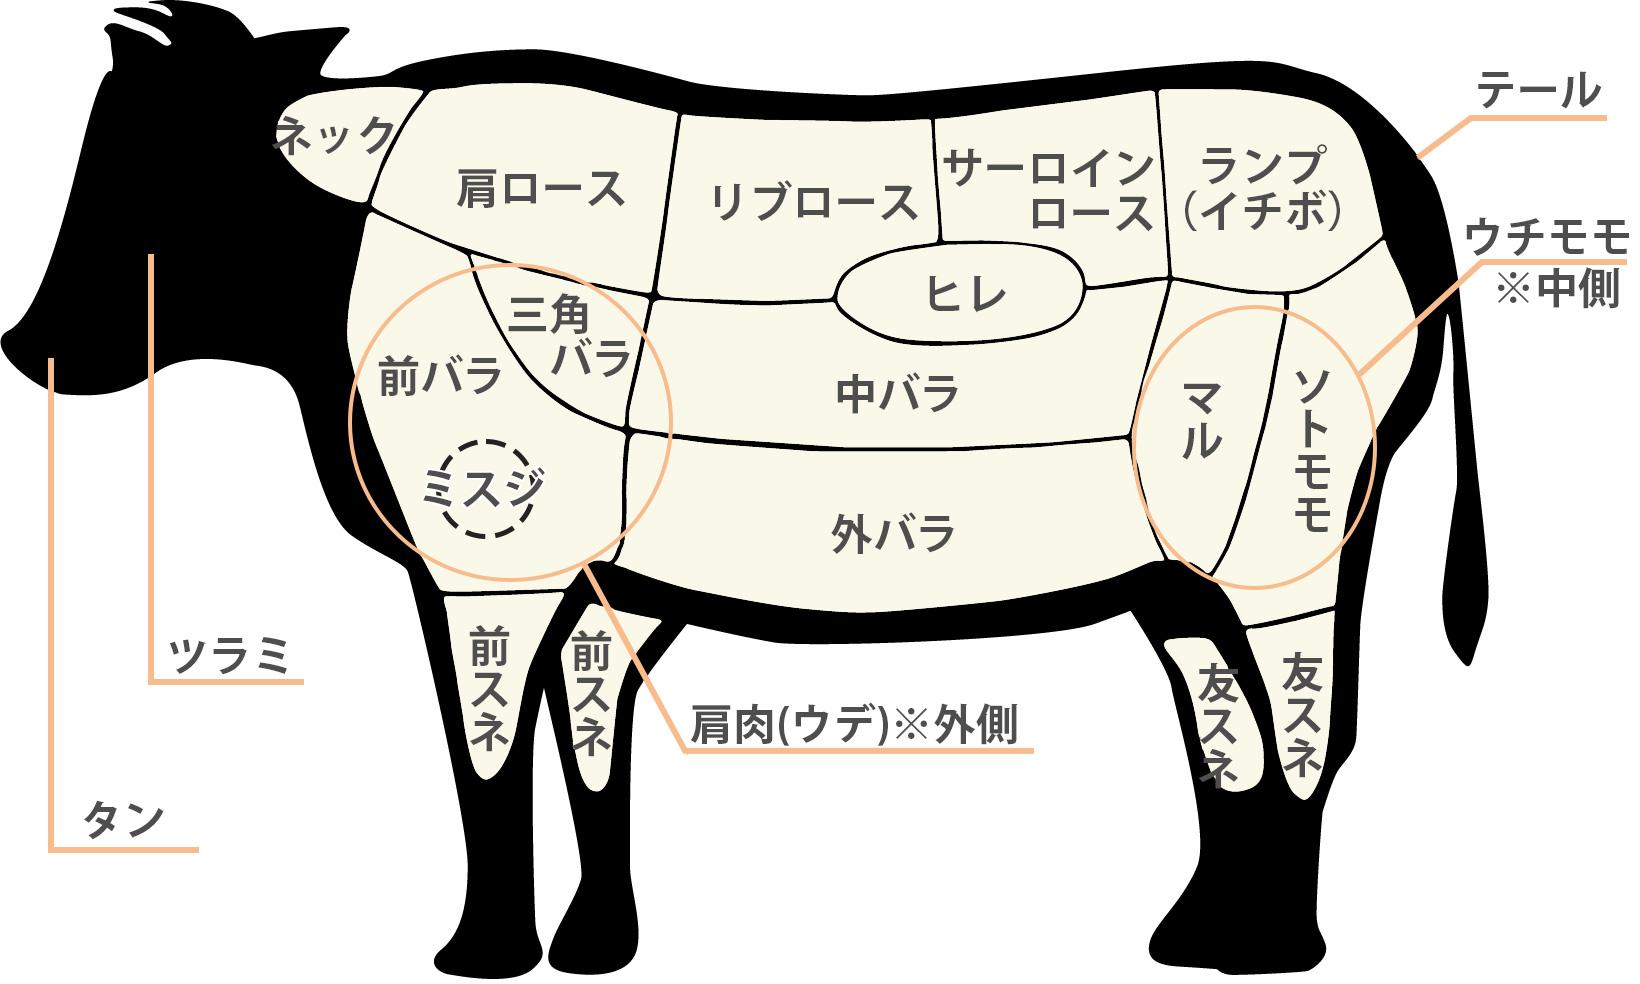 牛肉部位の詳細